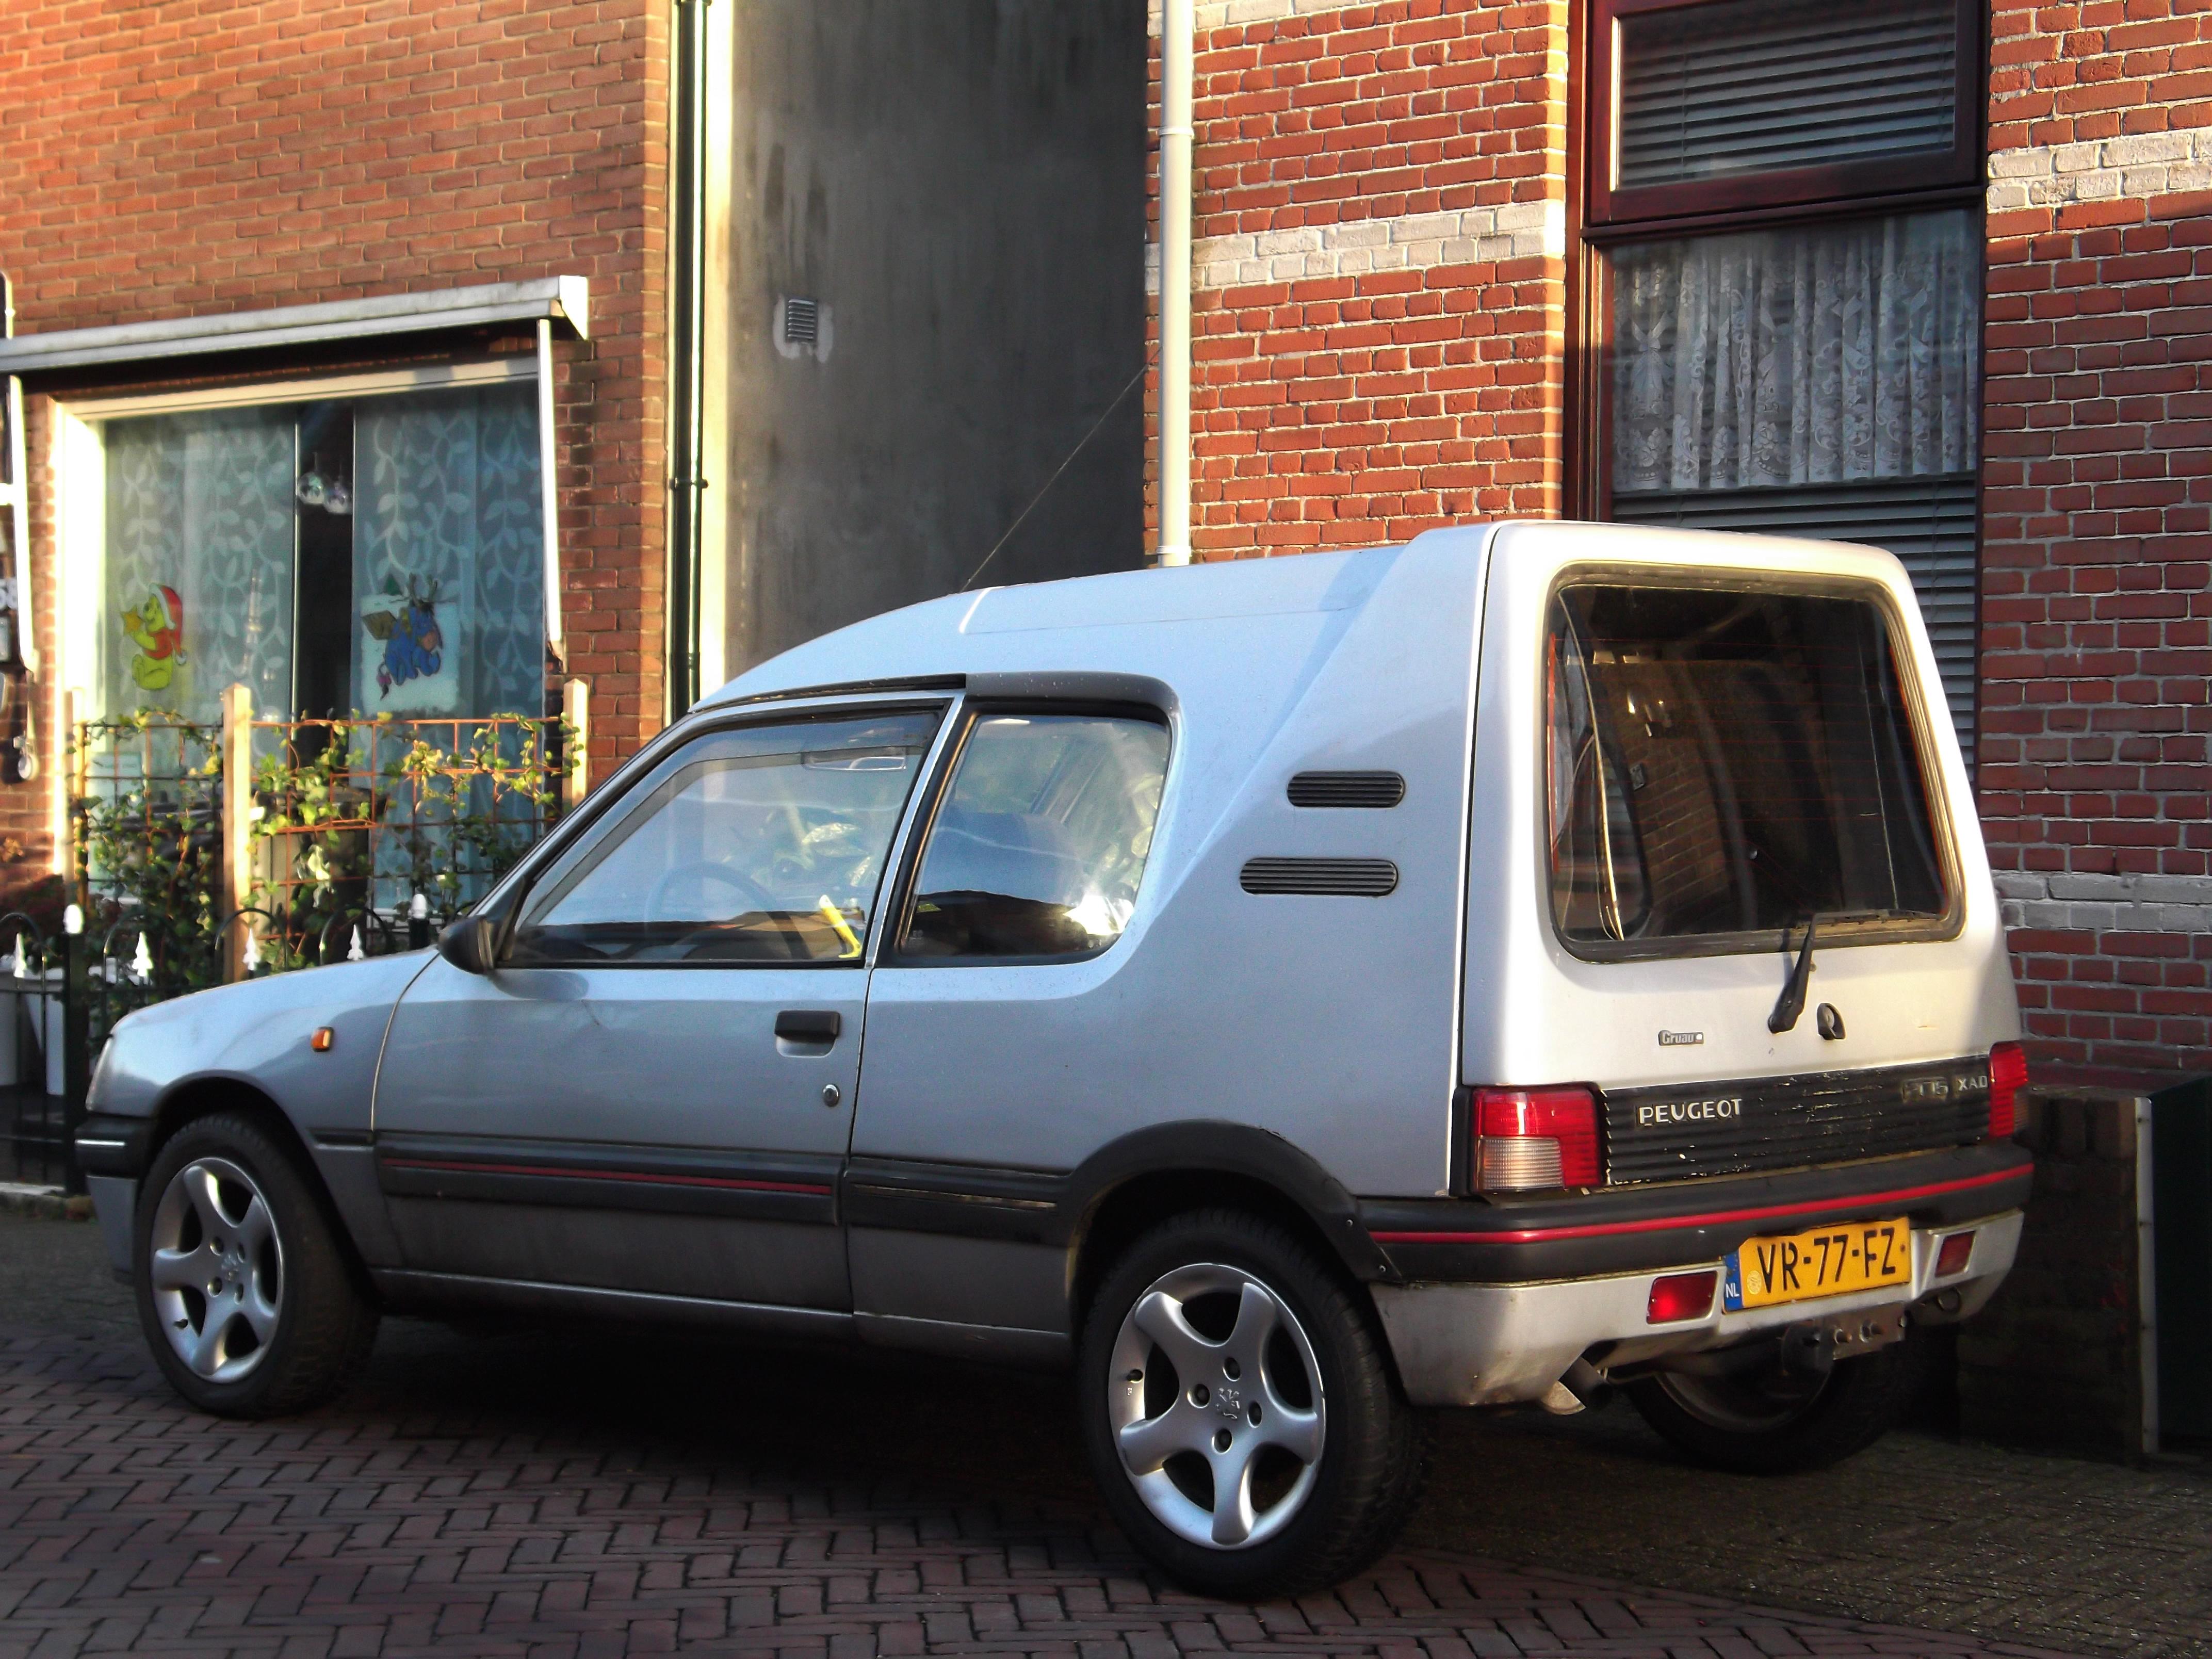 File:Peugeot 205 1.8 XAD Multi (11368773543).jpg